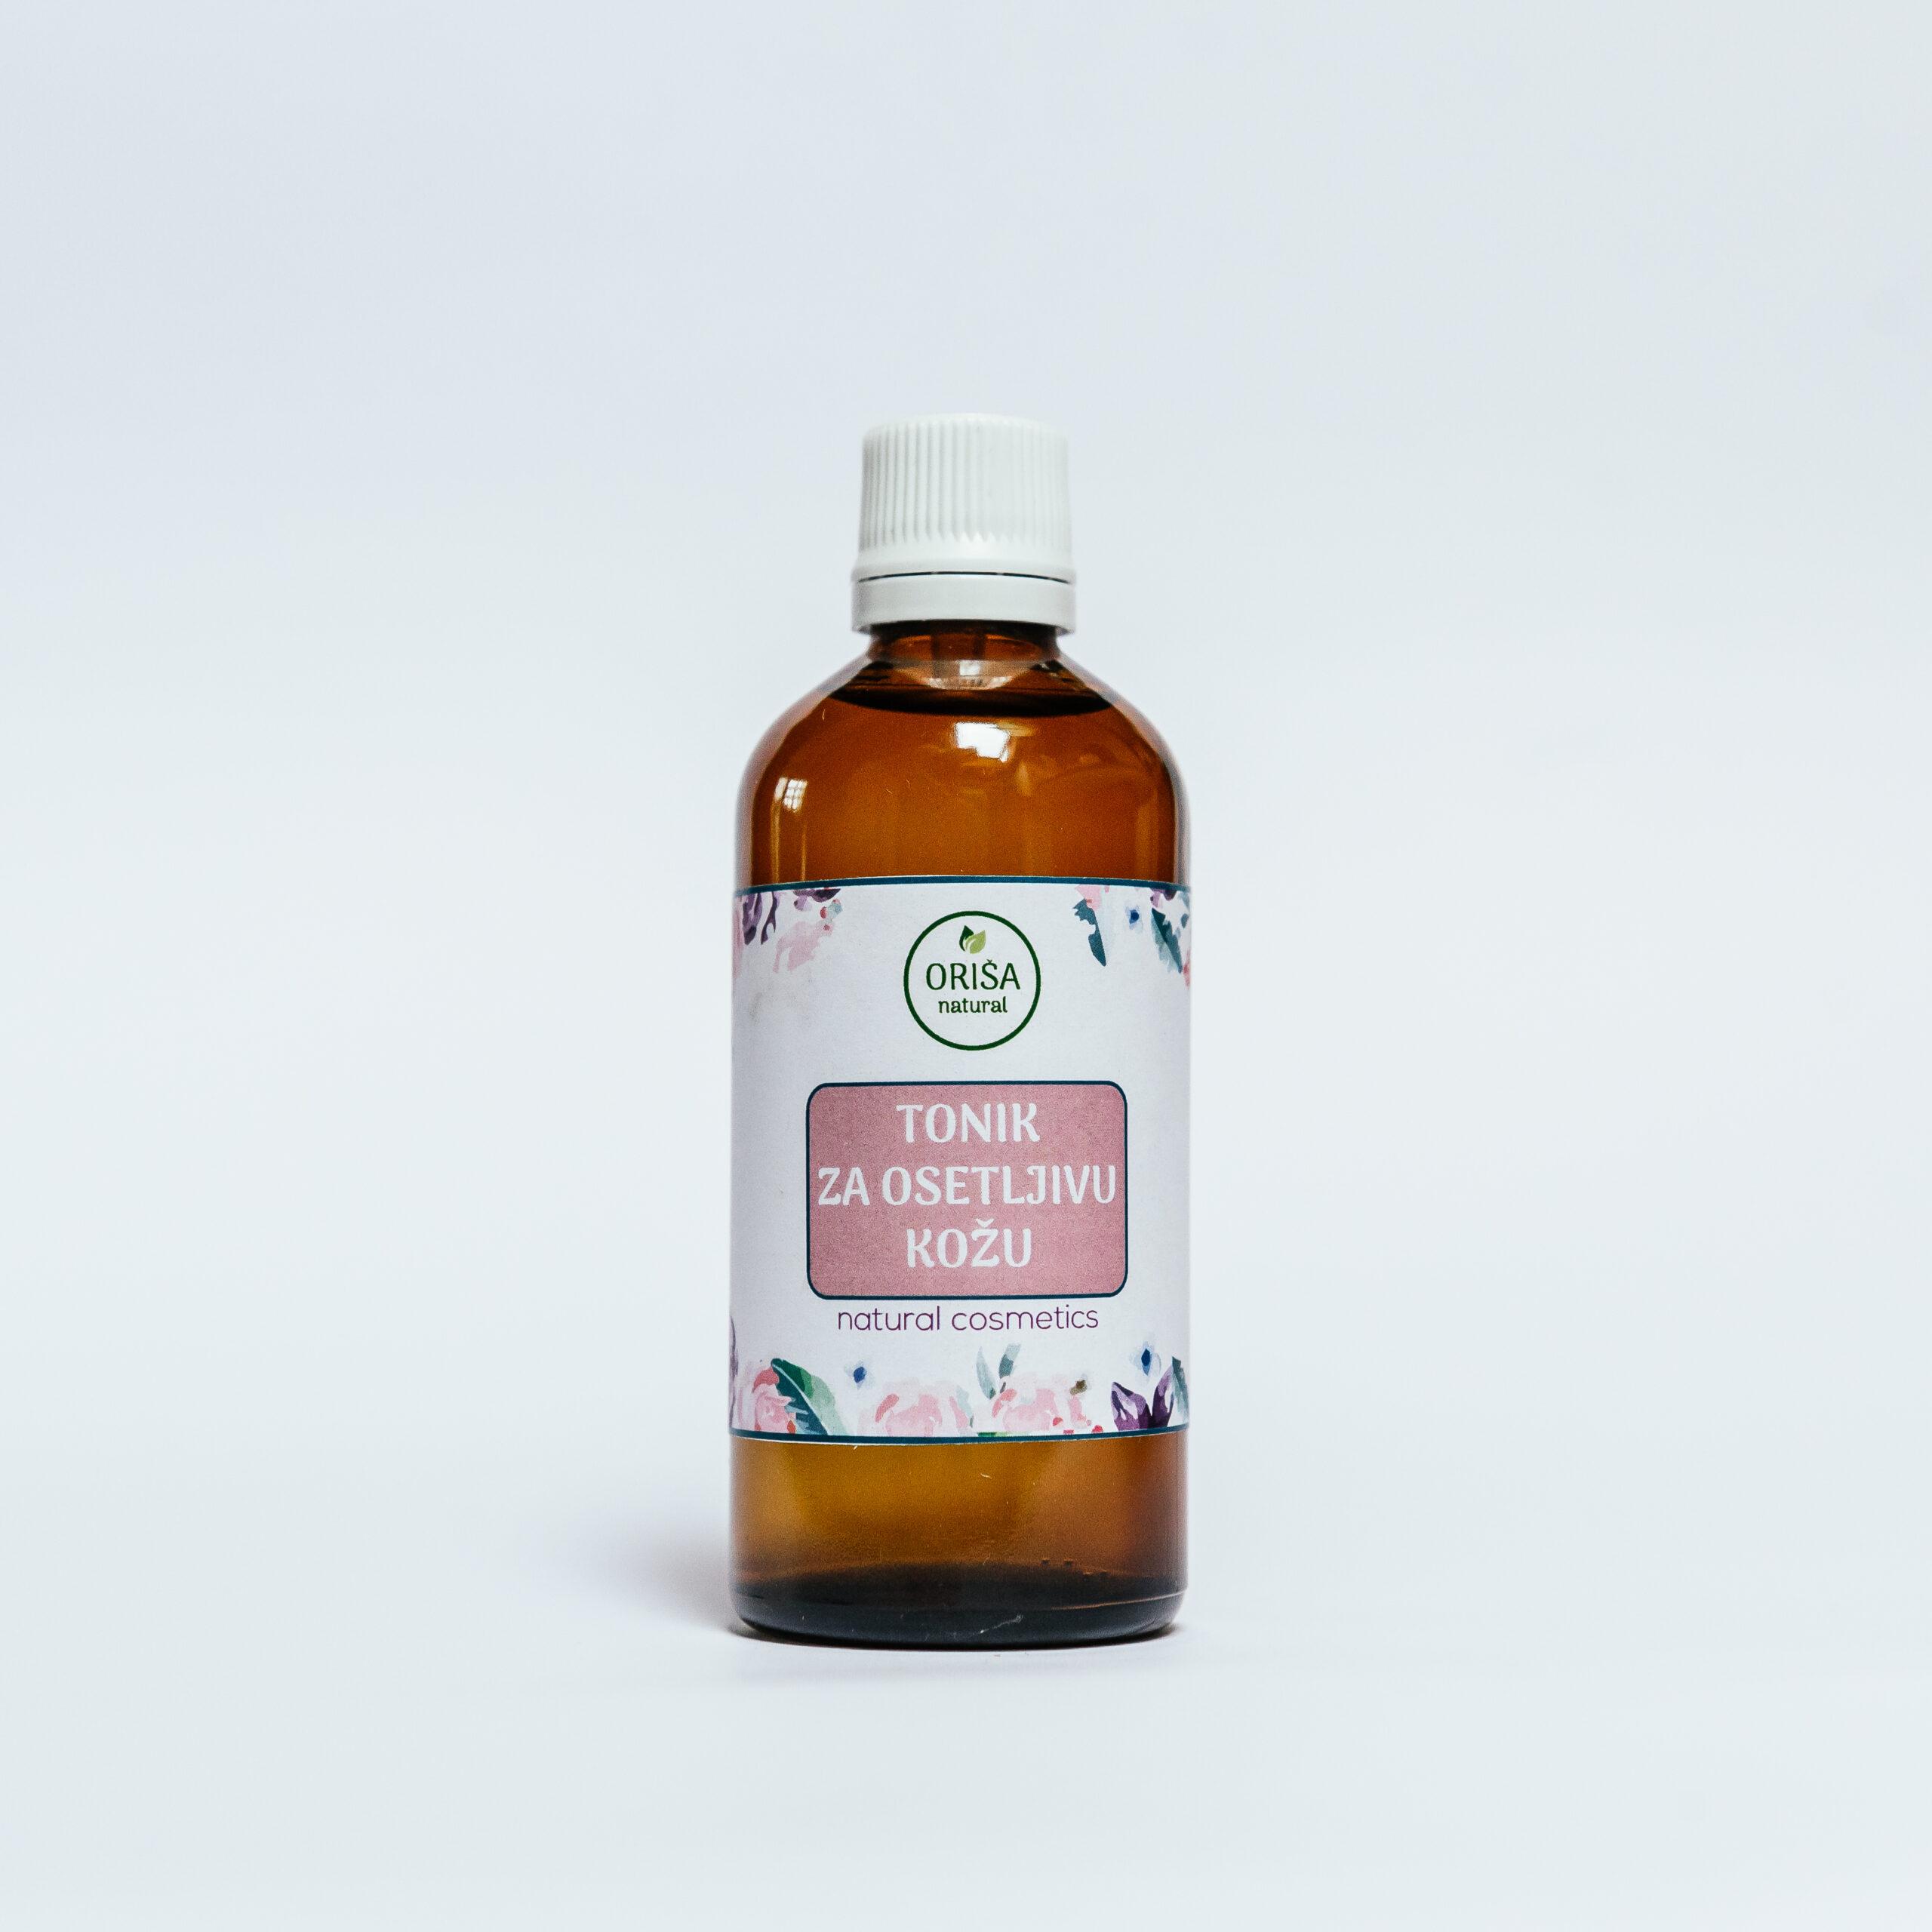 Tonik za osetljivu kožu